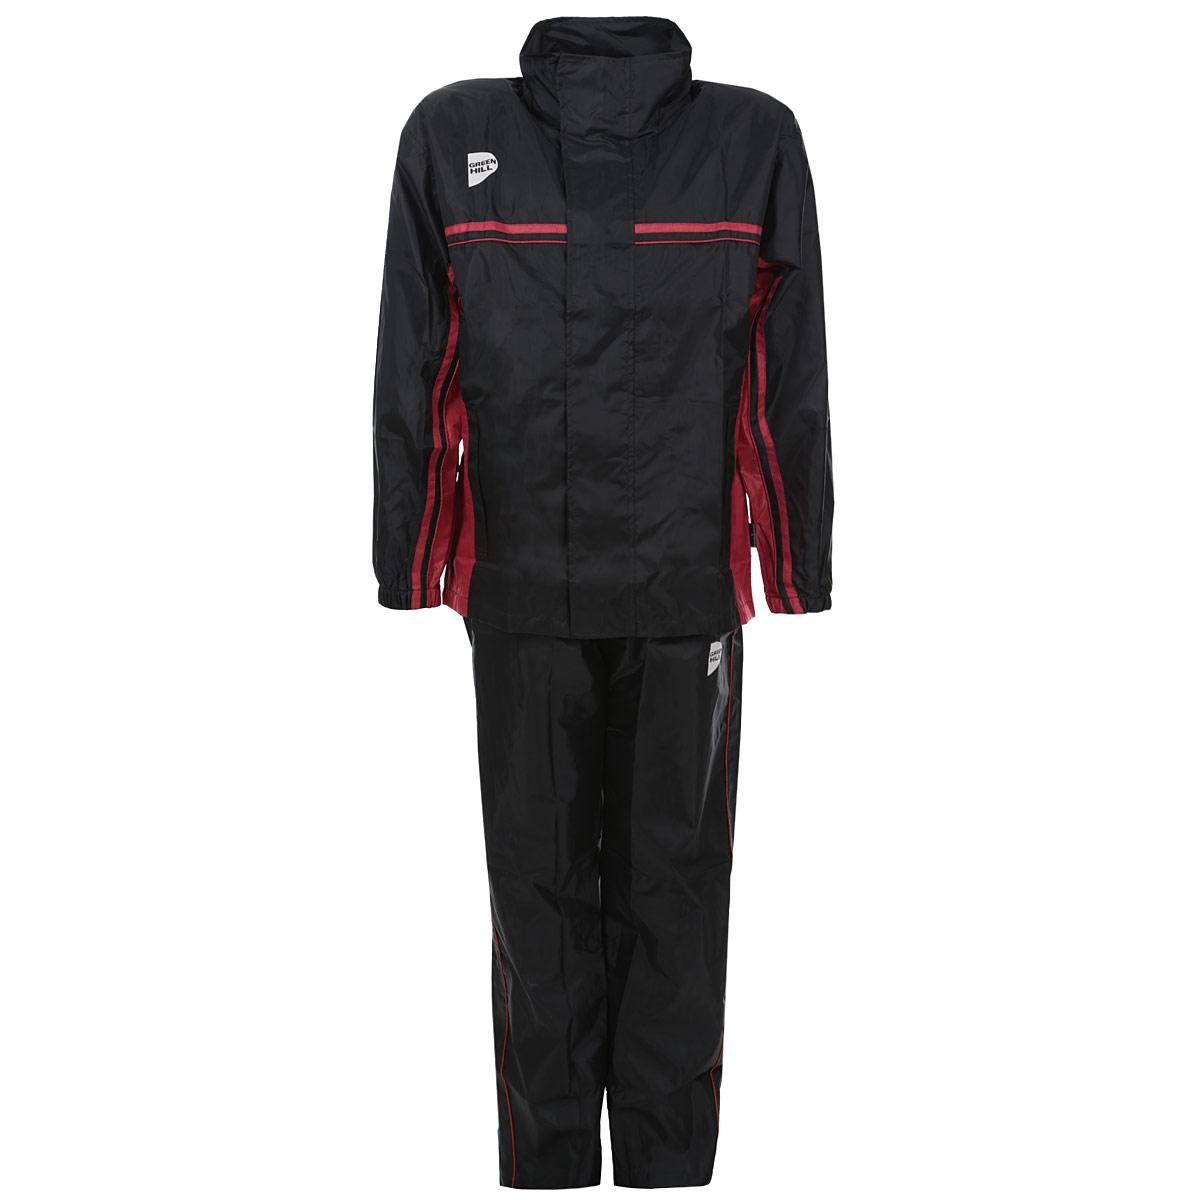 Костюм-сауна Green Hill, цвет: черный, красный. Размер 46LA010301Костюм-сауна Green Hill предназначен для интенсивного сброса веса во время тренировок. Костюм выполнен из полиэстера черного цвета с красными вставками. Состоит из штанов и куртки с длинным рукавом. Пояс и манжеты куртки и штанов на резинках, что обеспечивает более плотное прилегание к телу. Куртка застегивается на застежку-молнию и липучки, имеет капюшон, убирающийся в воротник, и два кармана на молнии. Брюки имеют шнурок на поясе, а также карманы на молнии. Во время физических тренировок костюм создает эффект сауны, что в свою очередь эффективно воздействует на процесс сжигания жира. Поэтому в таком костюме лишний вес будет пропадать намного быстрее, чем в обычной спортивной одежде.